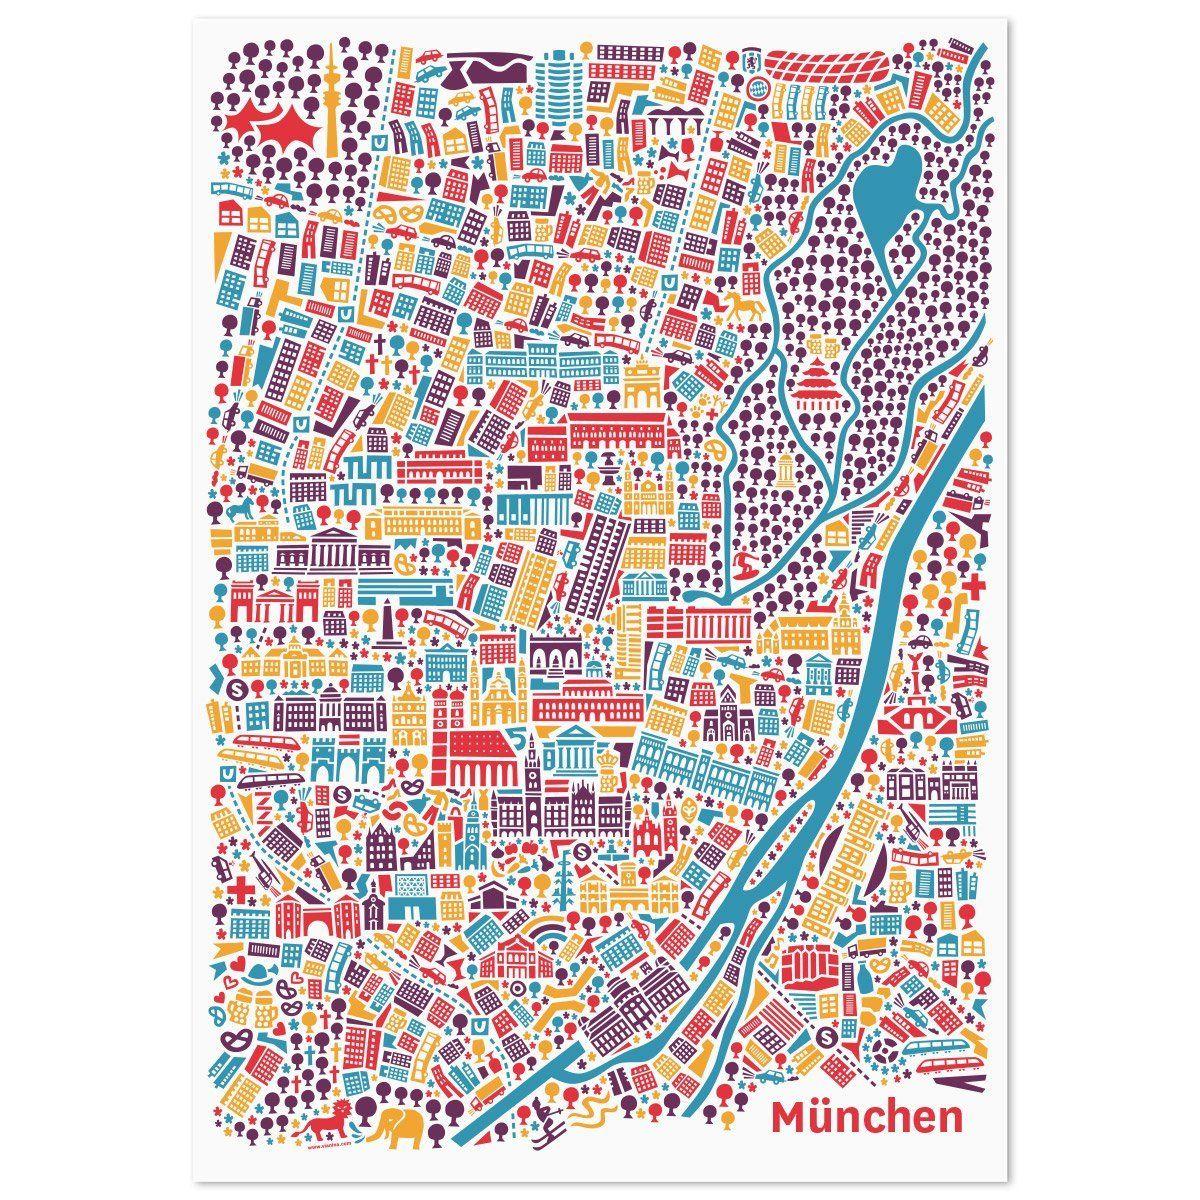 Munchen Poster 50x70cm Stadtplan Plakat Kunstdruck Bunt Hochformat Mit Den Sehenswurdigkeiten Marienplatz Frauenkirche Stadtplan Poster Englischer Garten